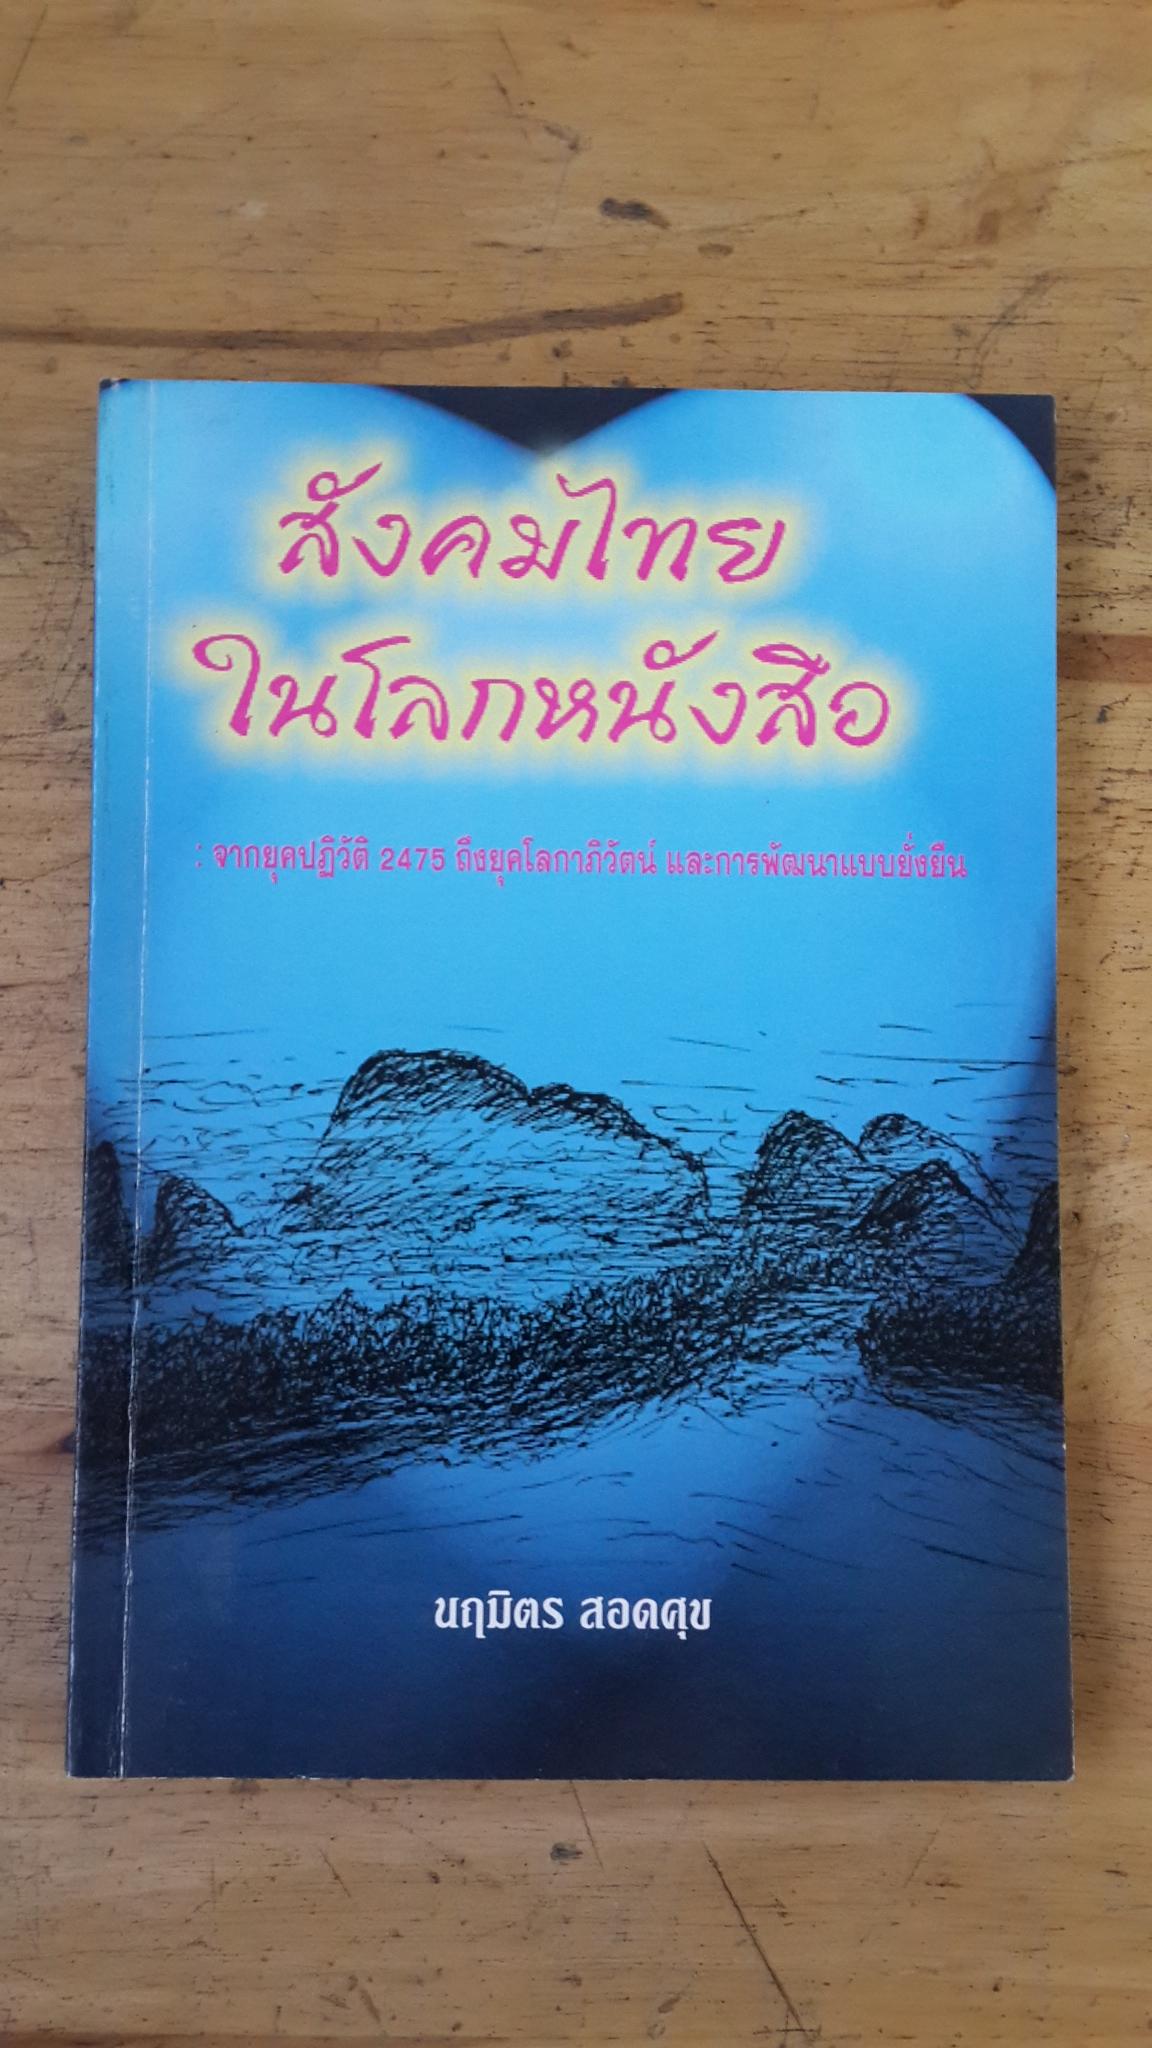 สังคมไทยในโลกหนังสือ / นฤมิตร สอดศุข